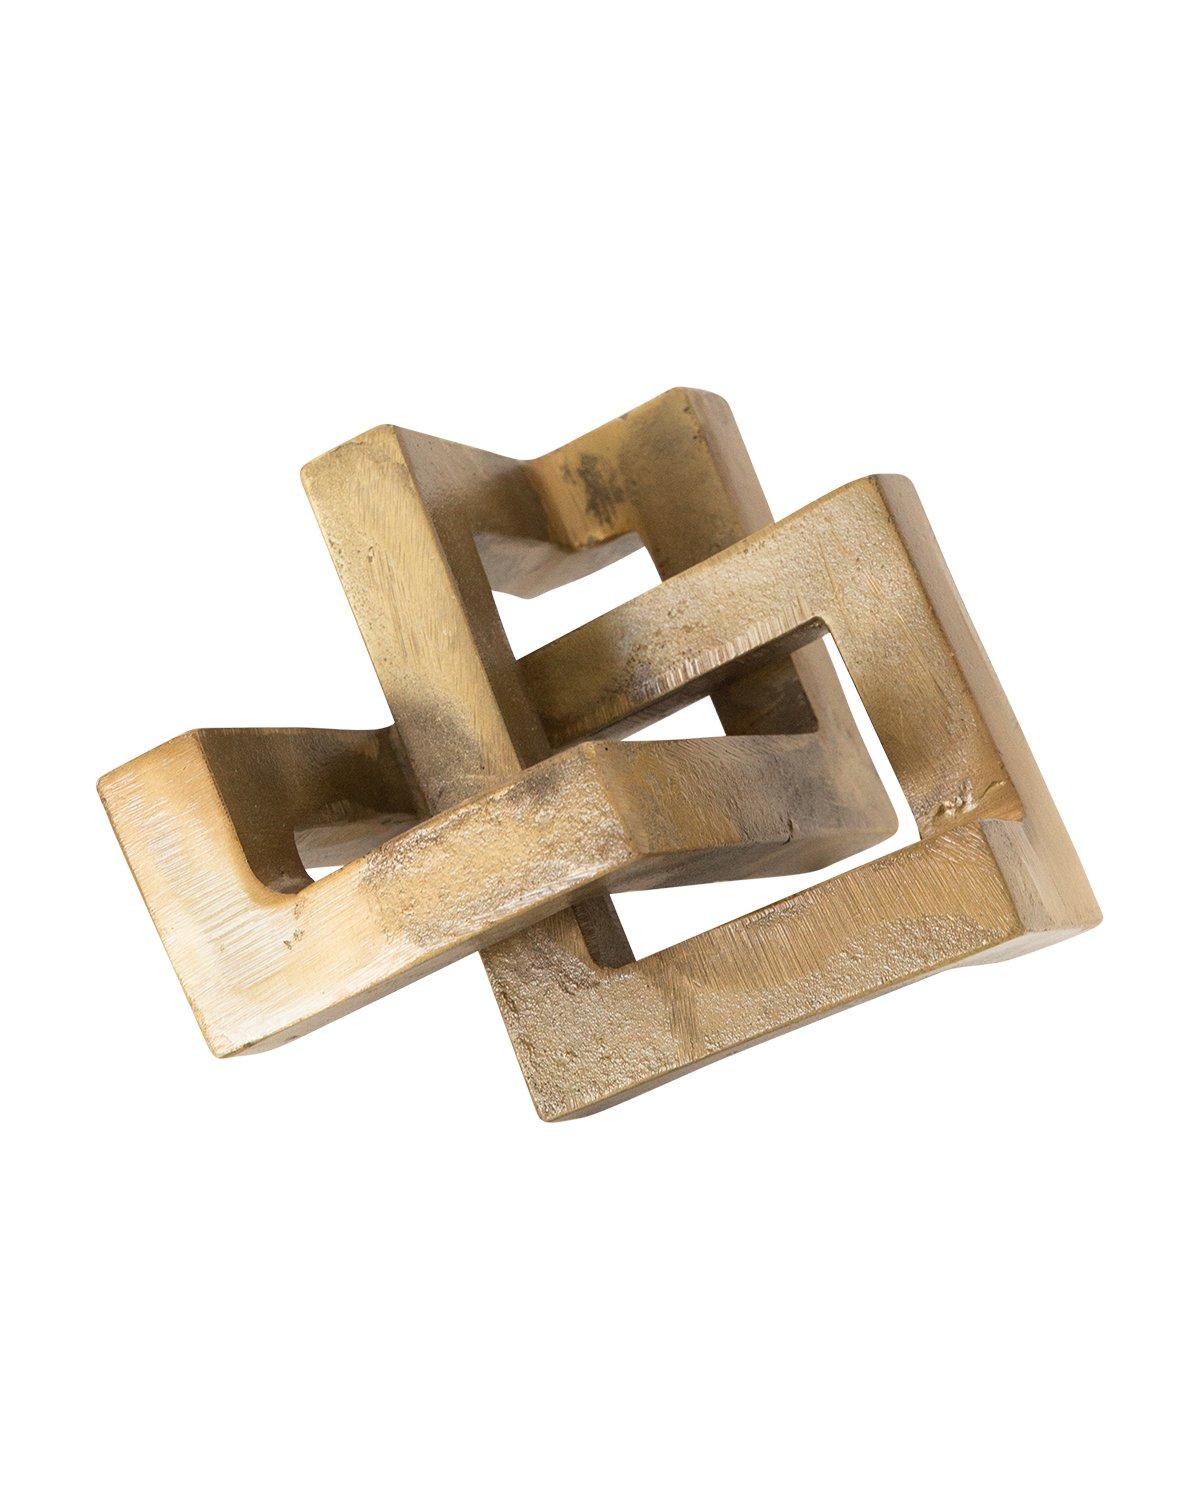 interlocked_brass_object1.jpg